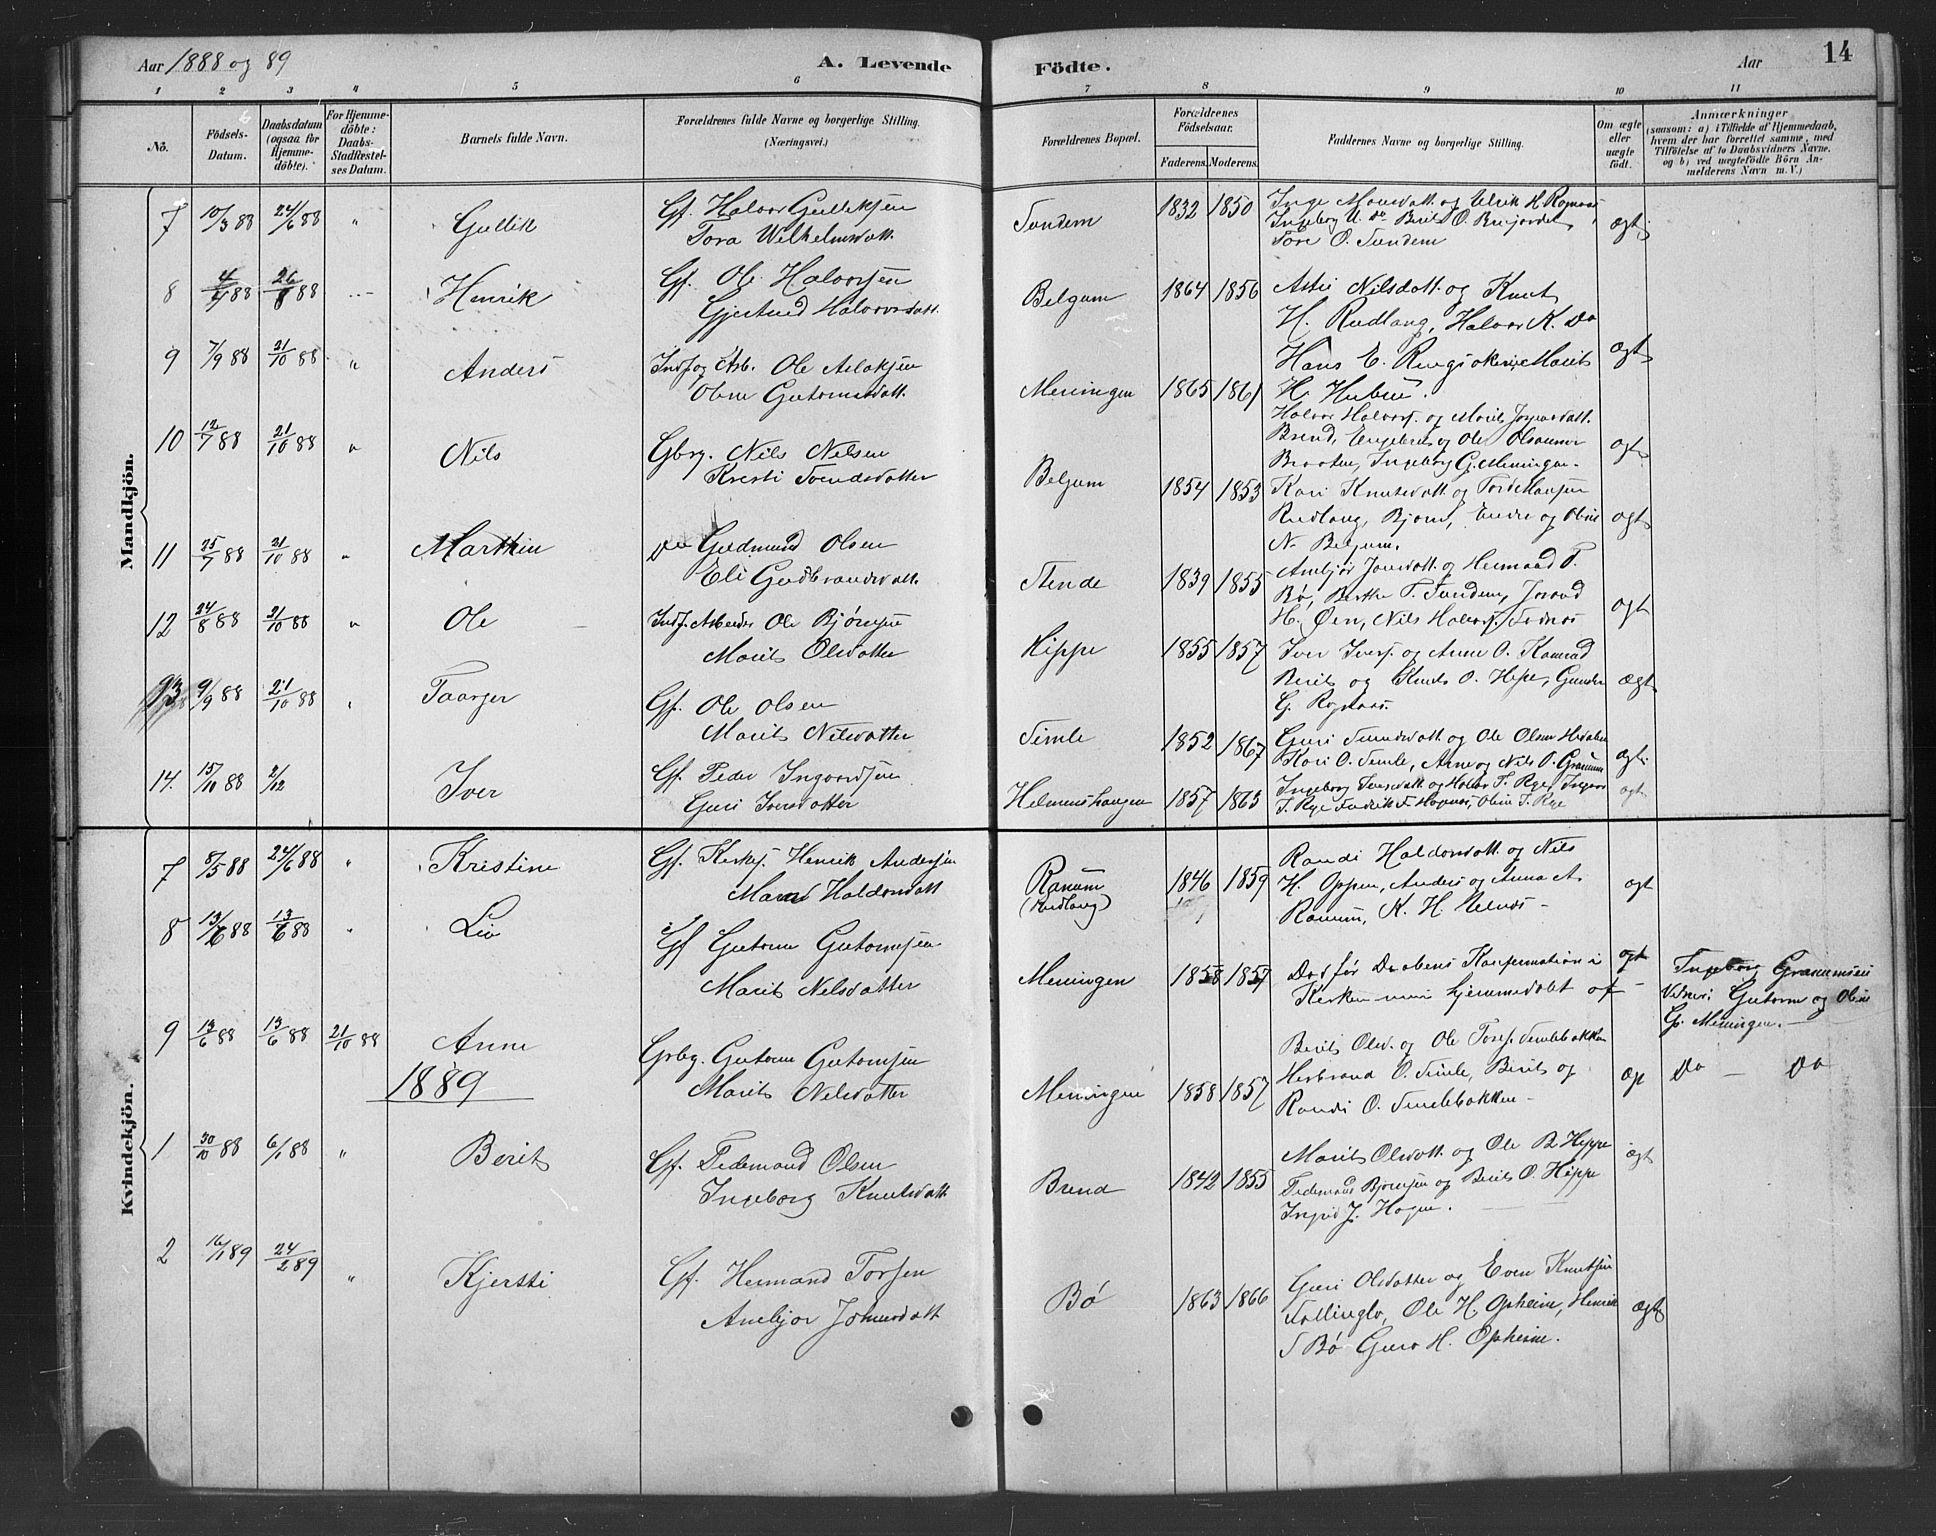 SAH, Nord-Aurdal prestekontor, Klokkerbok nr. 8, 1883-1916, s. 14